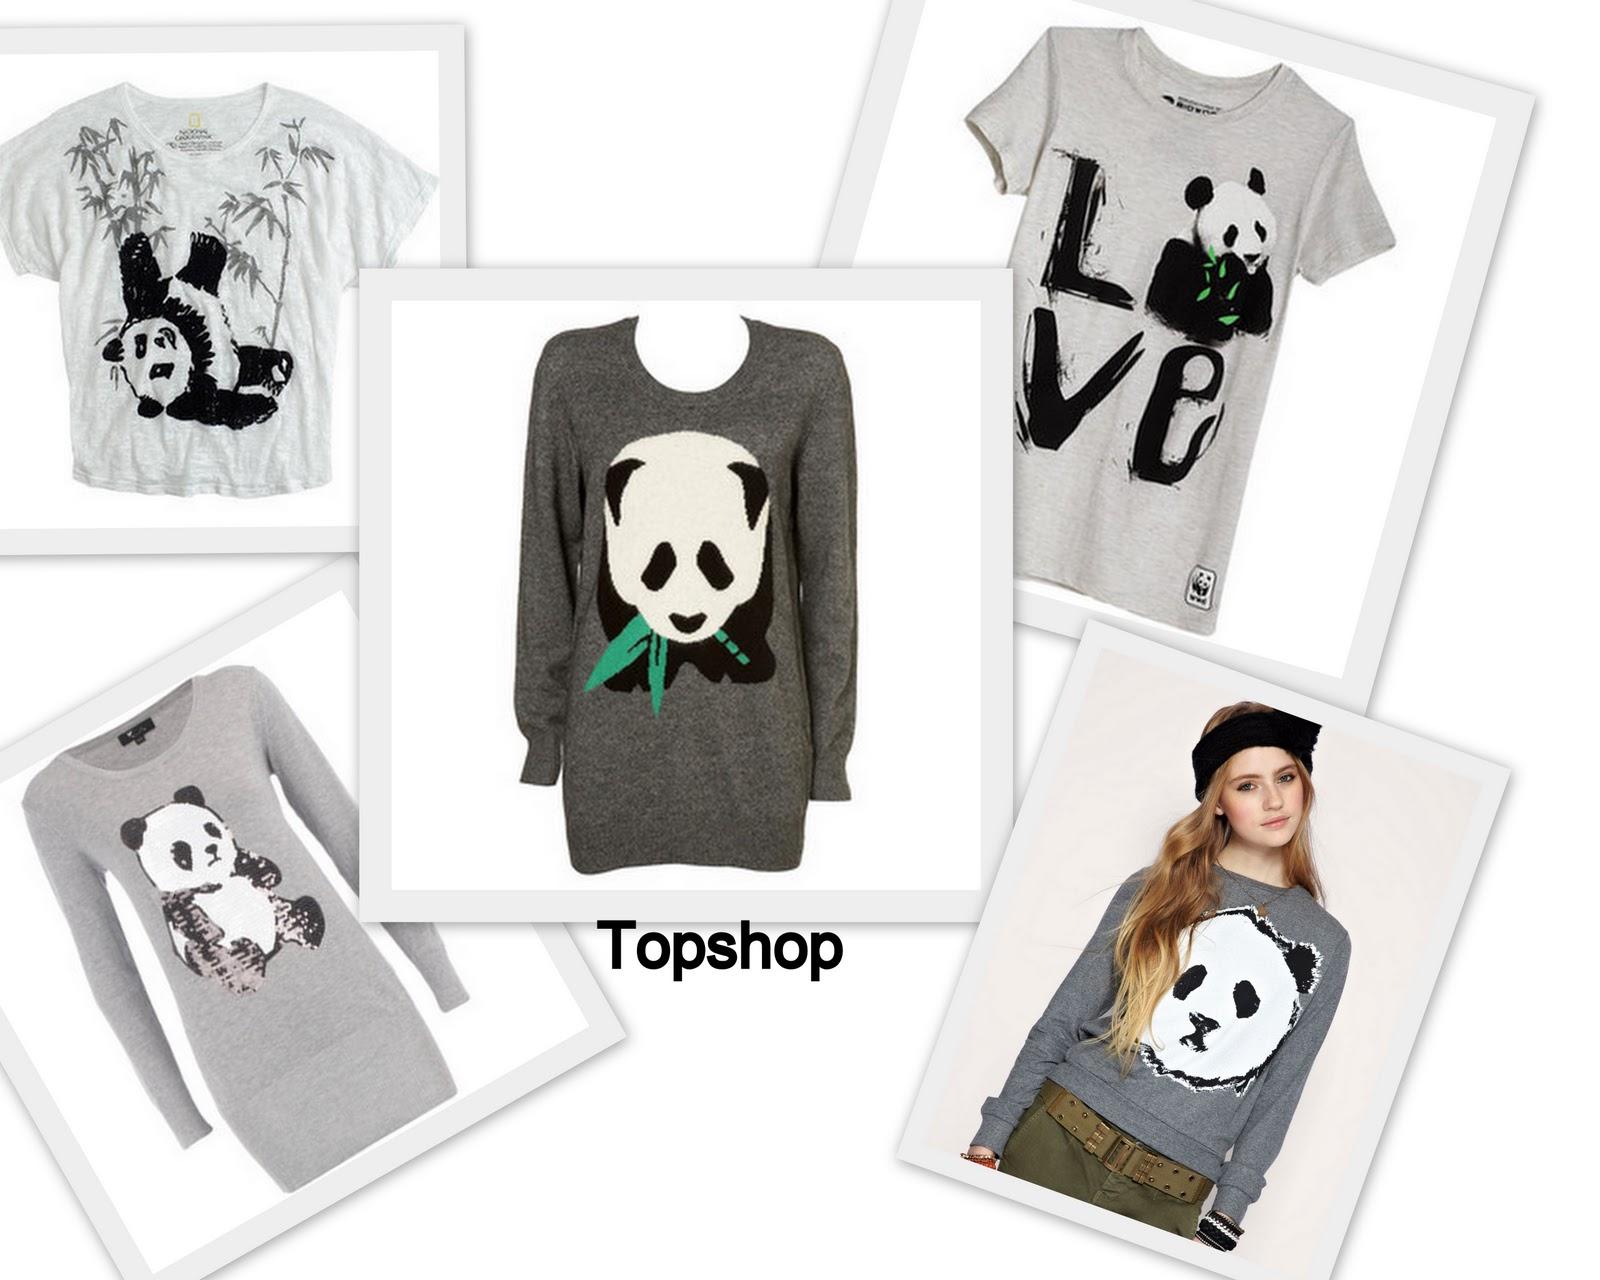 http://3.bp.blogspot.com/-3JV8He0McOM/TZWLh1rgP0I/AAAAAAAAF7g/GyjcLL7u_0g/s1600/panda1.jpg